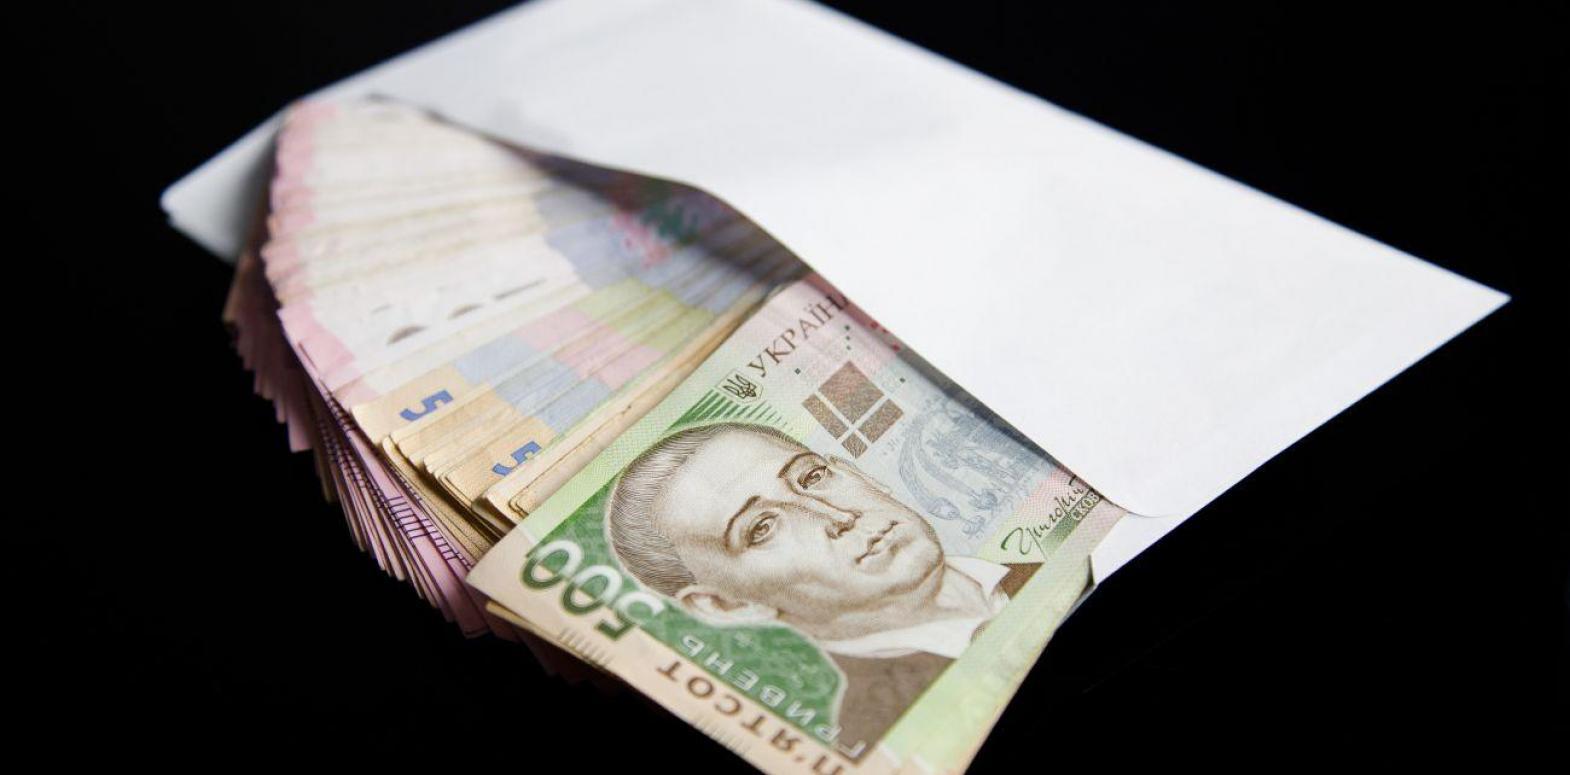 В Украине введут спецмониторинг задолженности по зарплатам, пенсиям и стипендиям